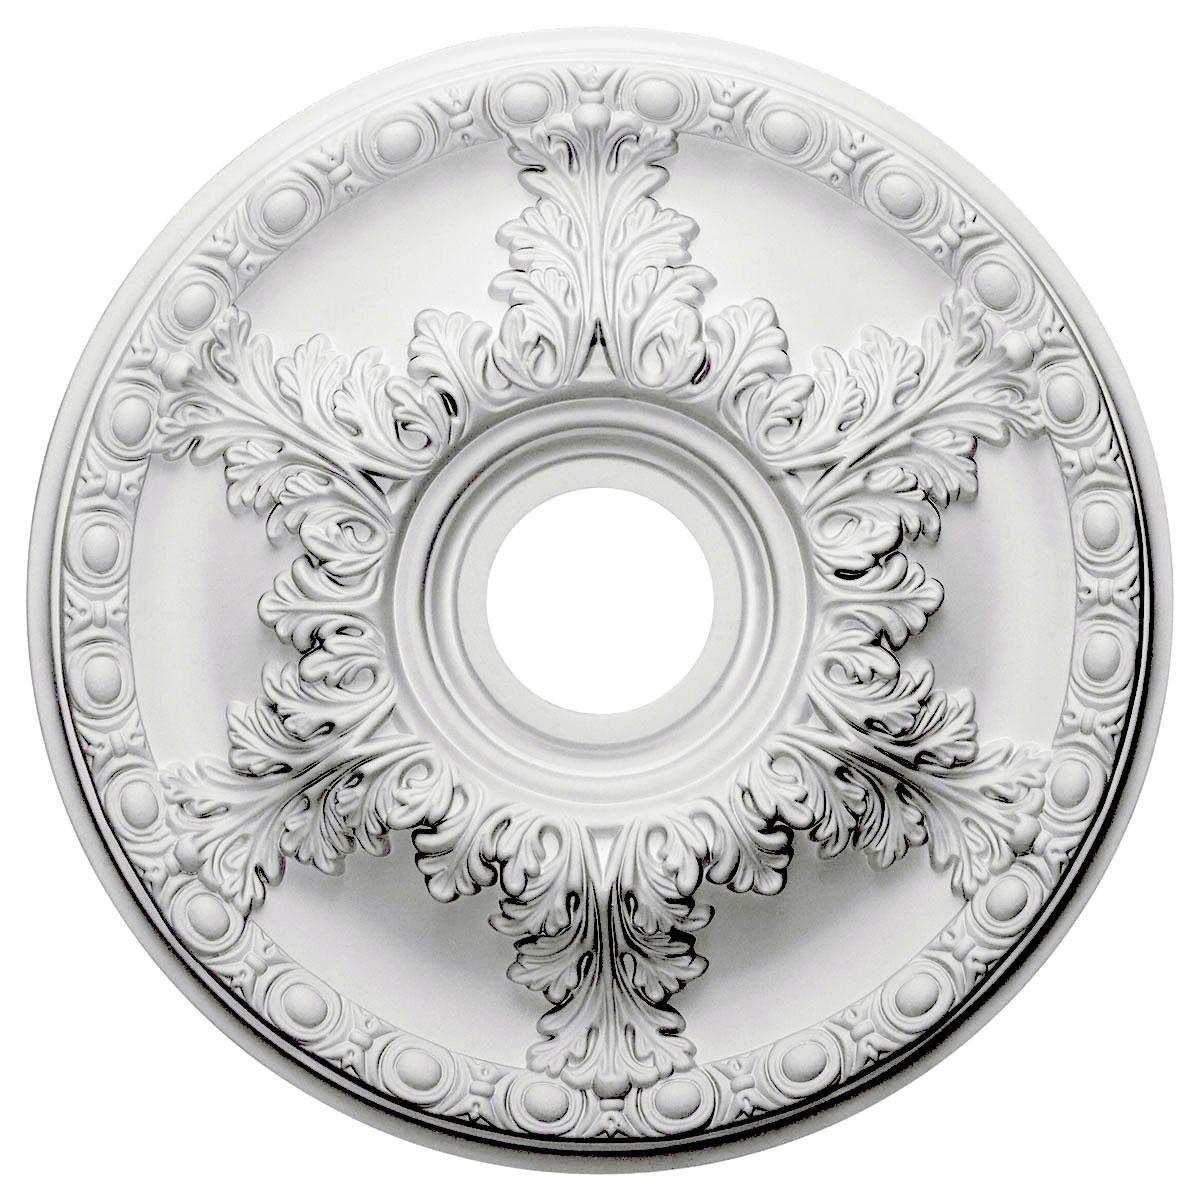 cm18ga 18 - Ceiling Medallion